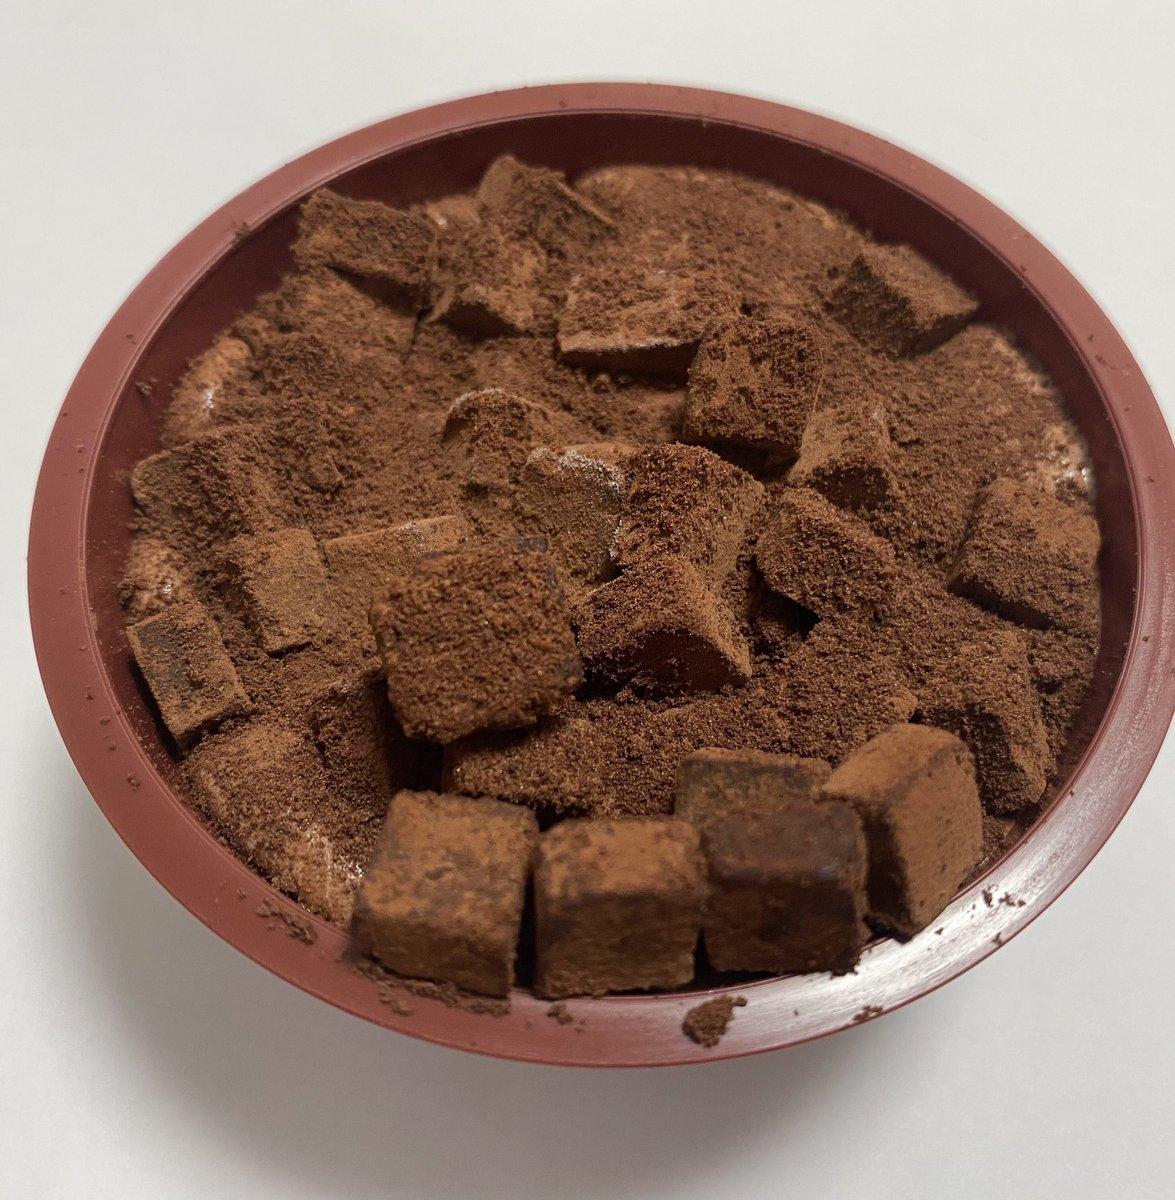 セブンイレブンから発売された、チョコアイスの上にダイス状の生チョコをたっぷりとトッピングした「生チョコアイス」✨ https://t.co/oXioSgApXX